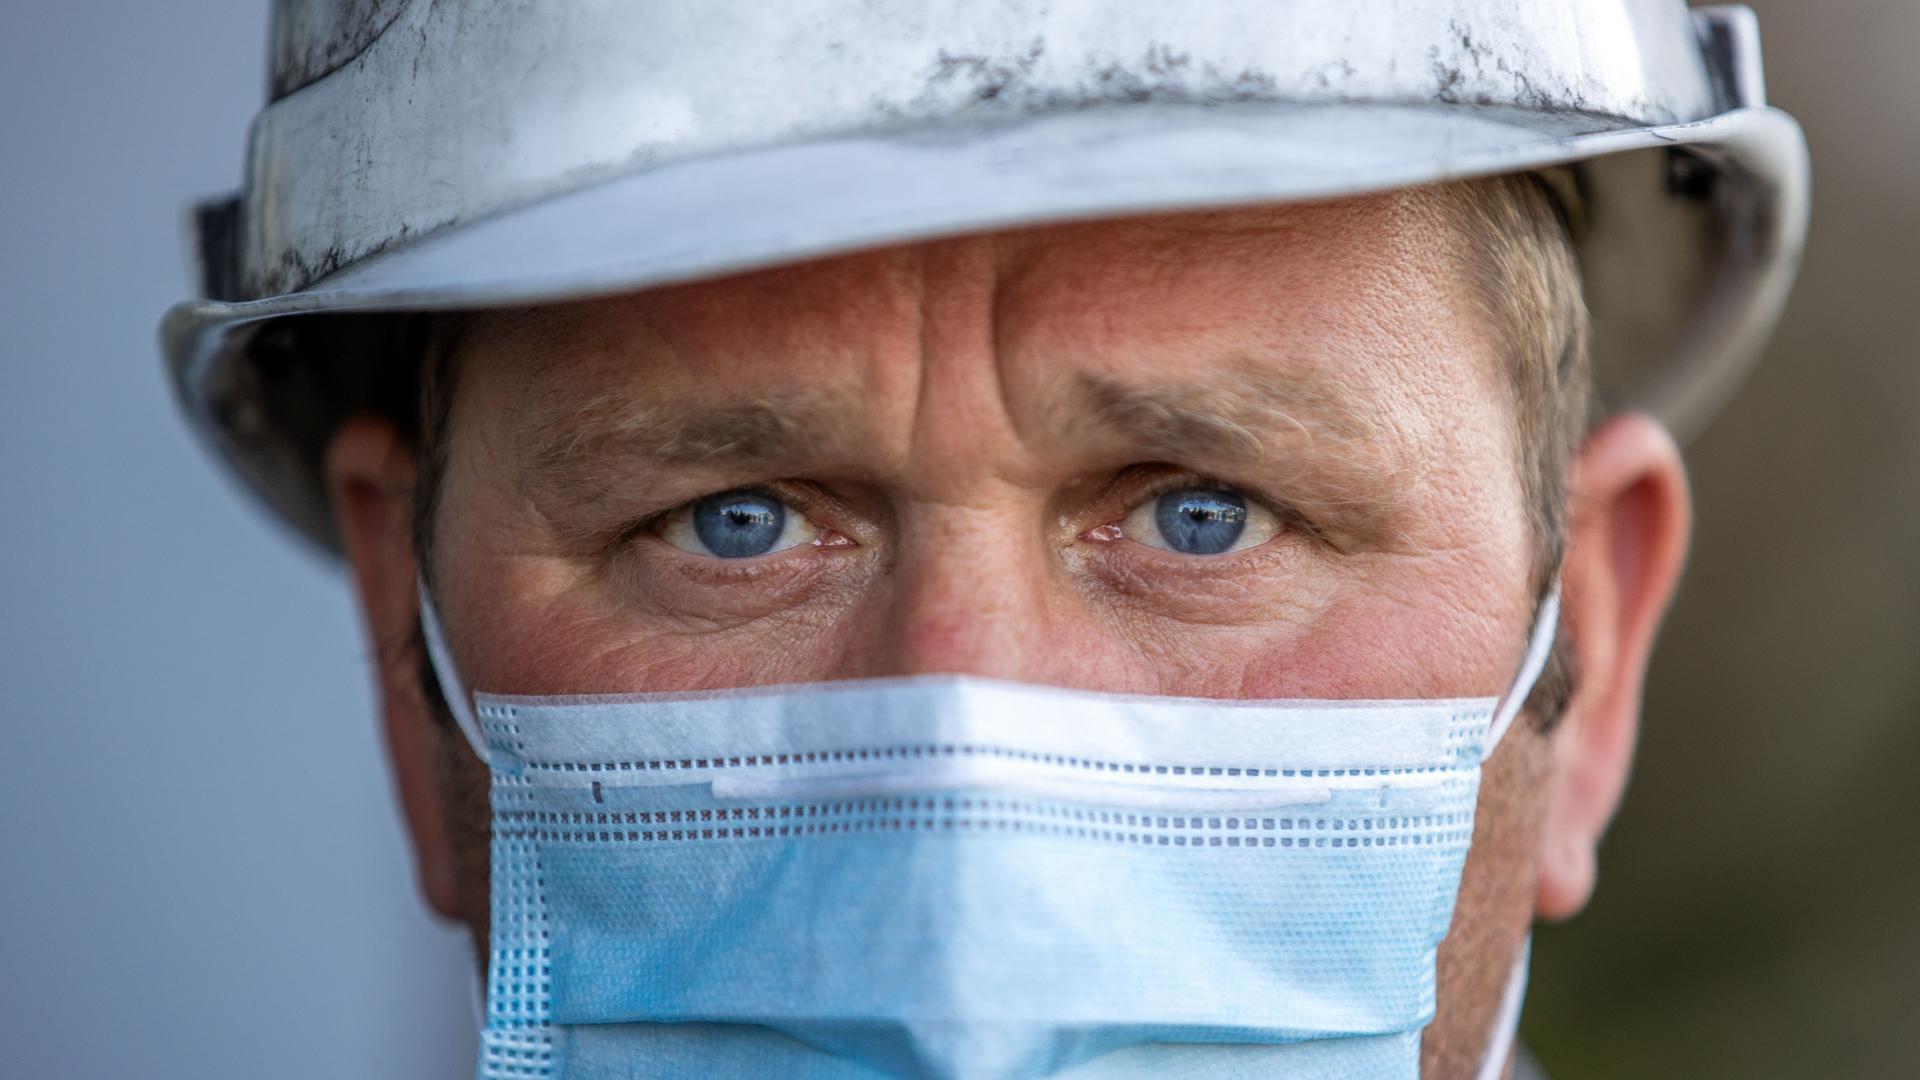 Ein Arbeitnehmer, der in der Corona-Krise eine Mund-Nasen-Schutzmaske trägt, blickt sorgenvoll in die Zukunft.